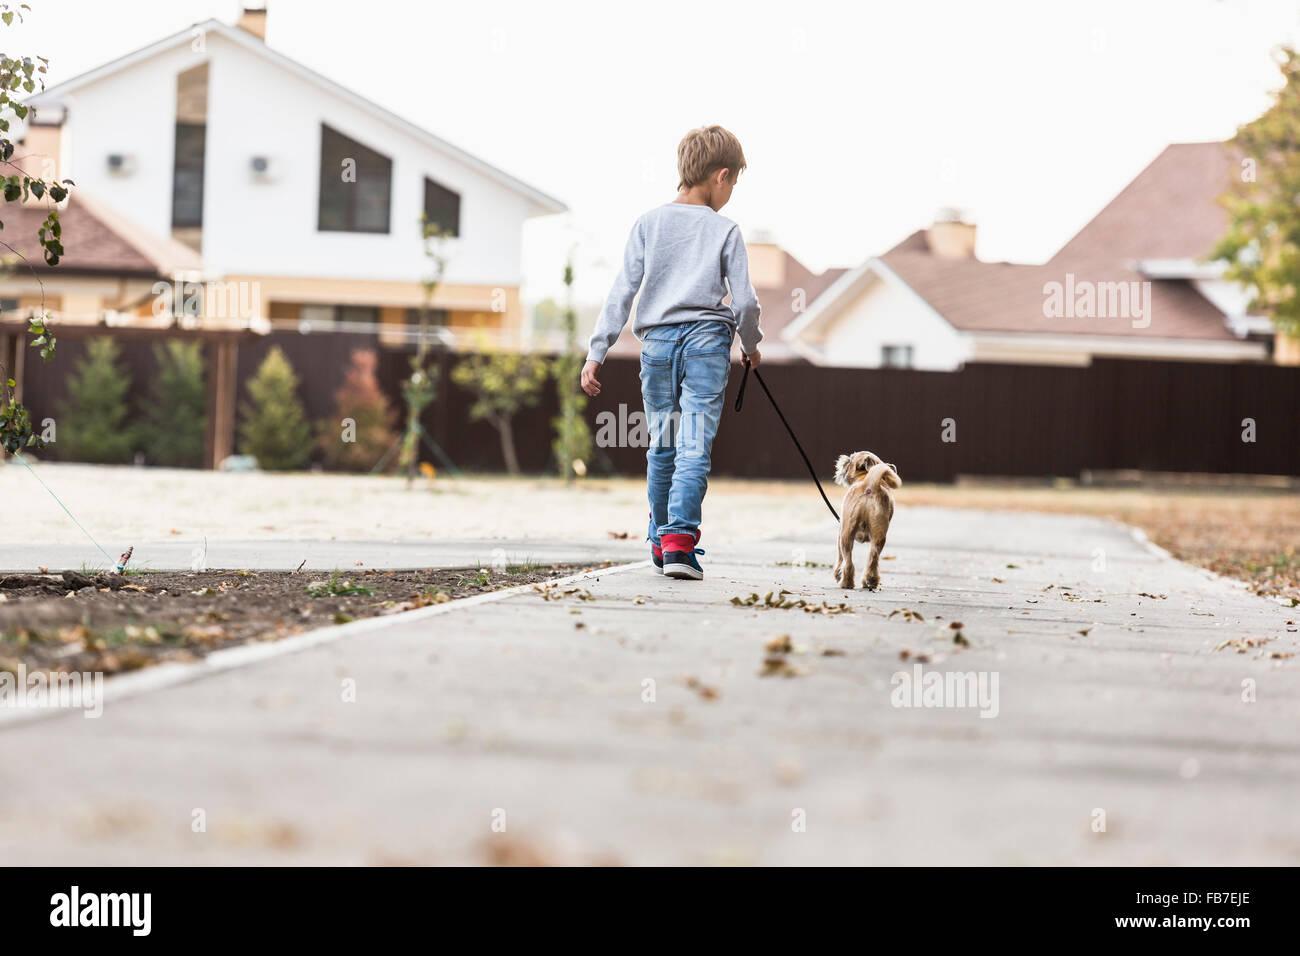 Vista trasera del muchacho caminando con el perro en la acera Imagen De Stock